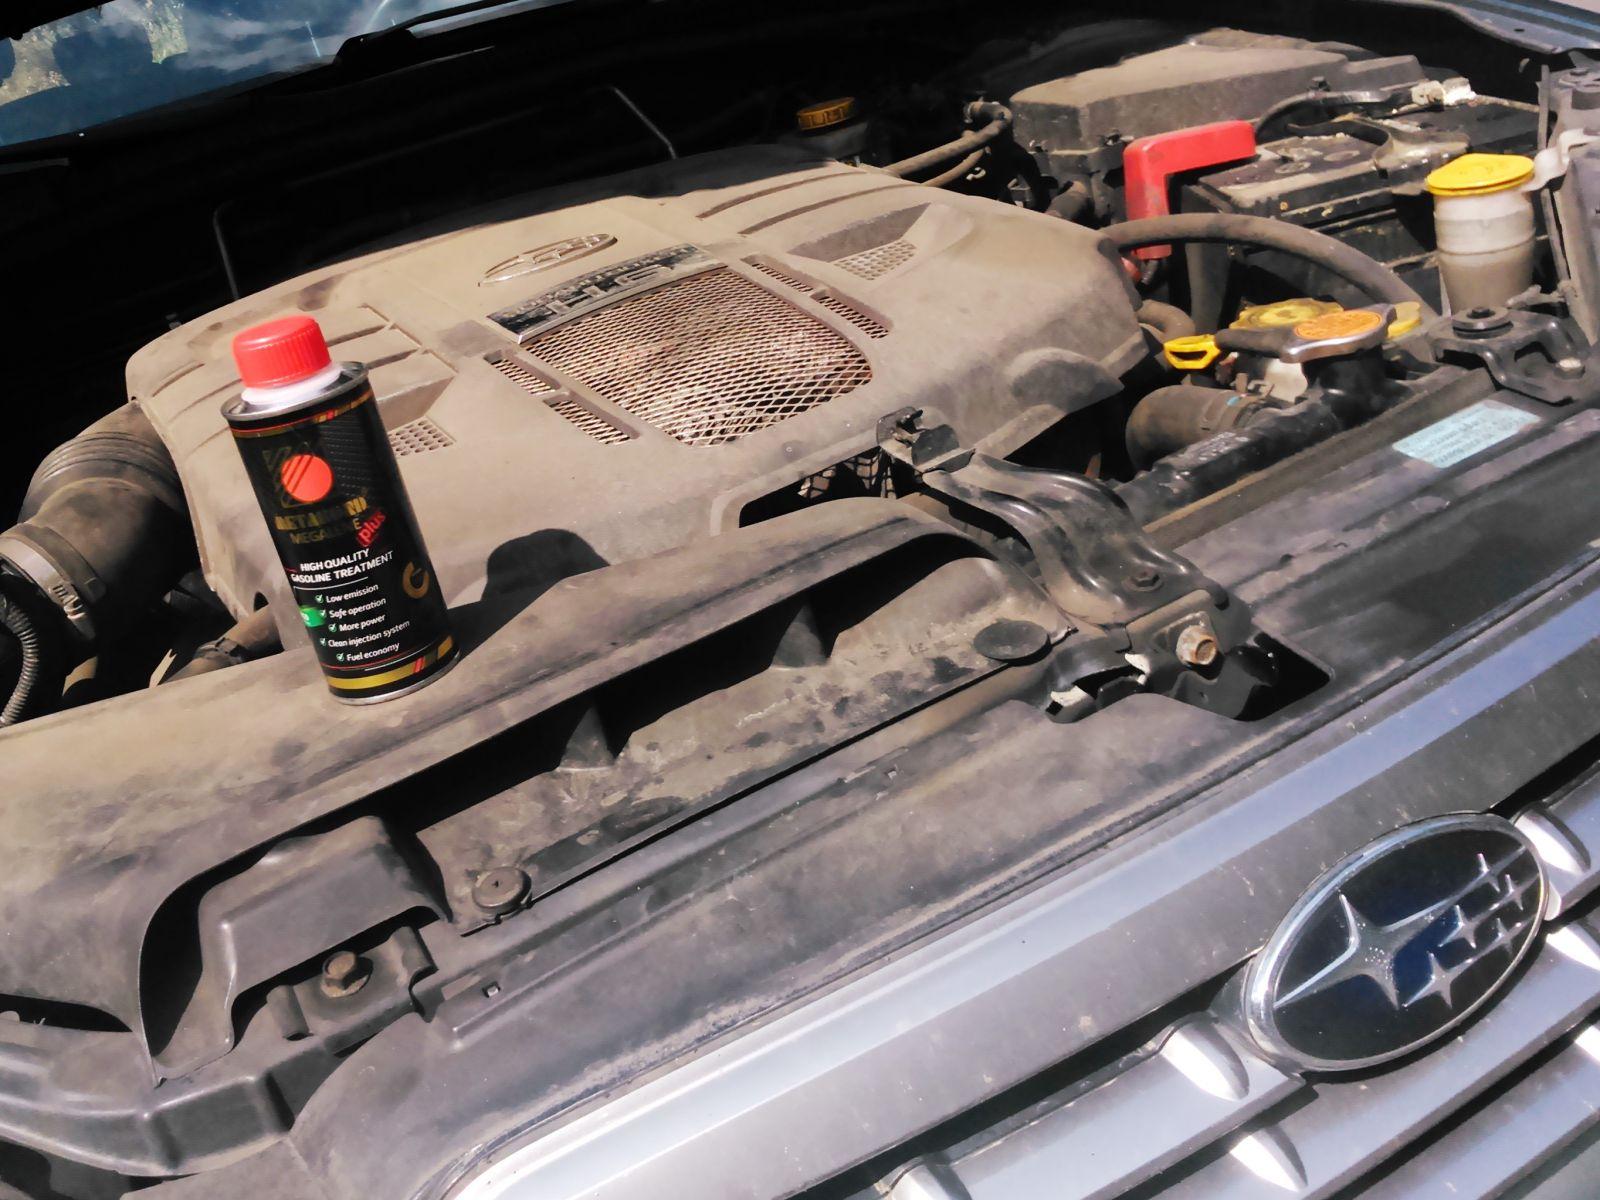 Subaru a aditiva Megalene Metabond